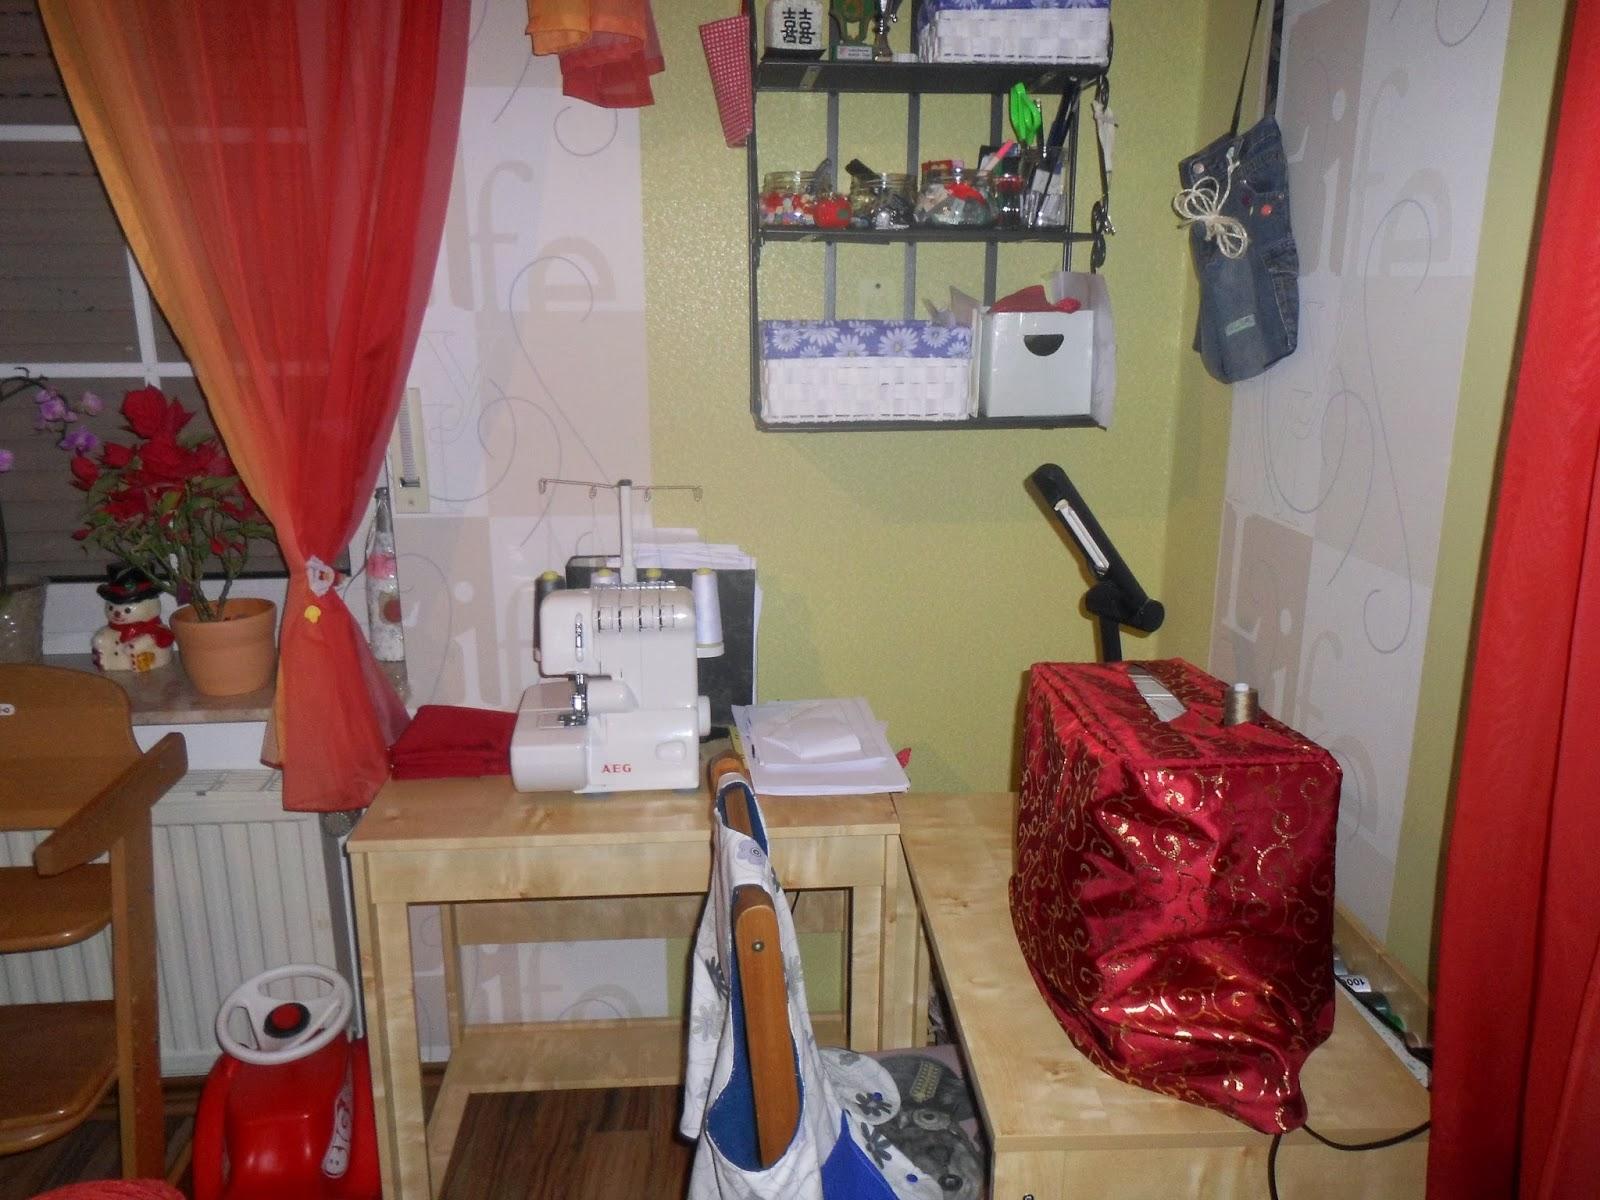 miss june und ich wir n hen s einfach ikea lieferzeit meine kleine m rchenstunde teil 2. Black Bedroom Furniture Sets. Home Design Ideas